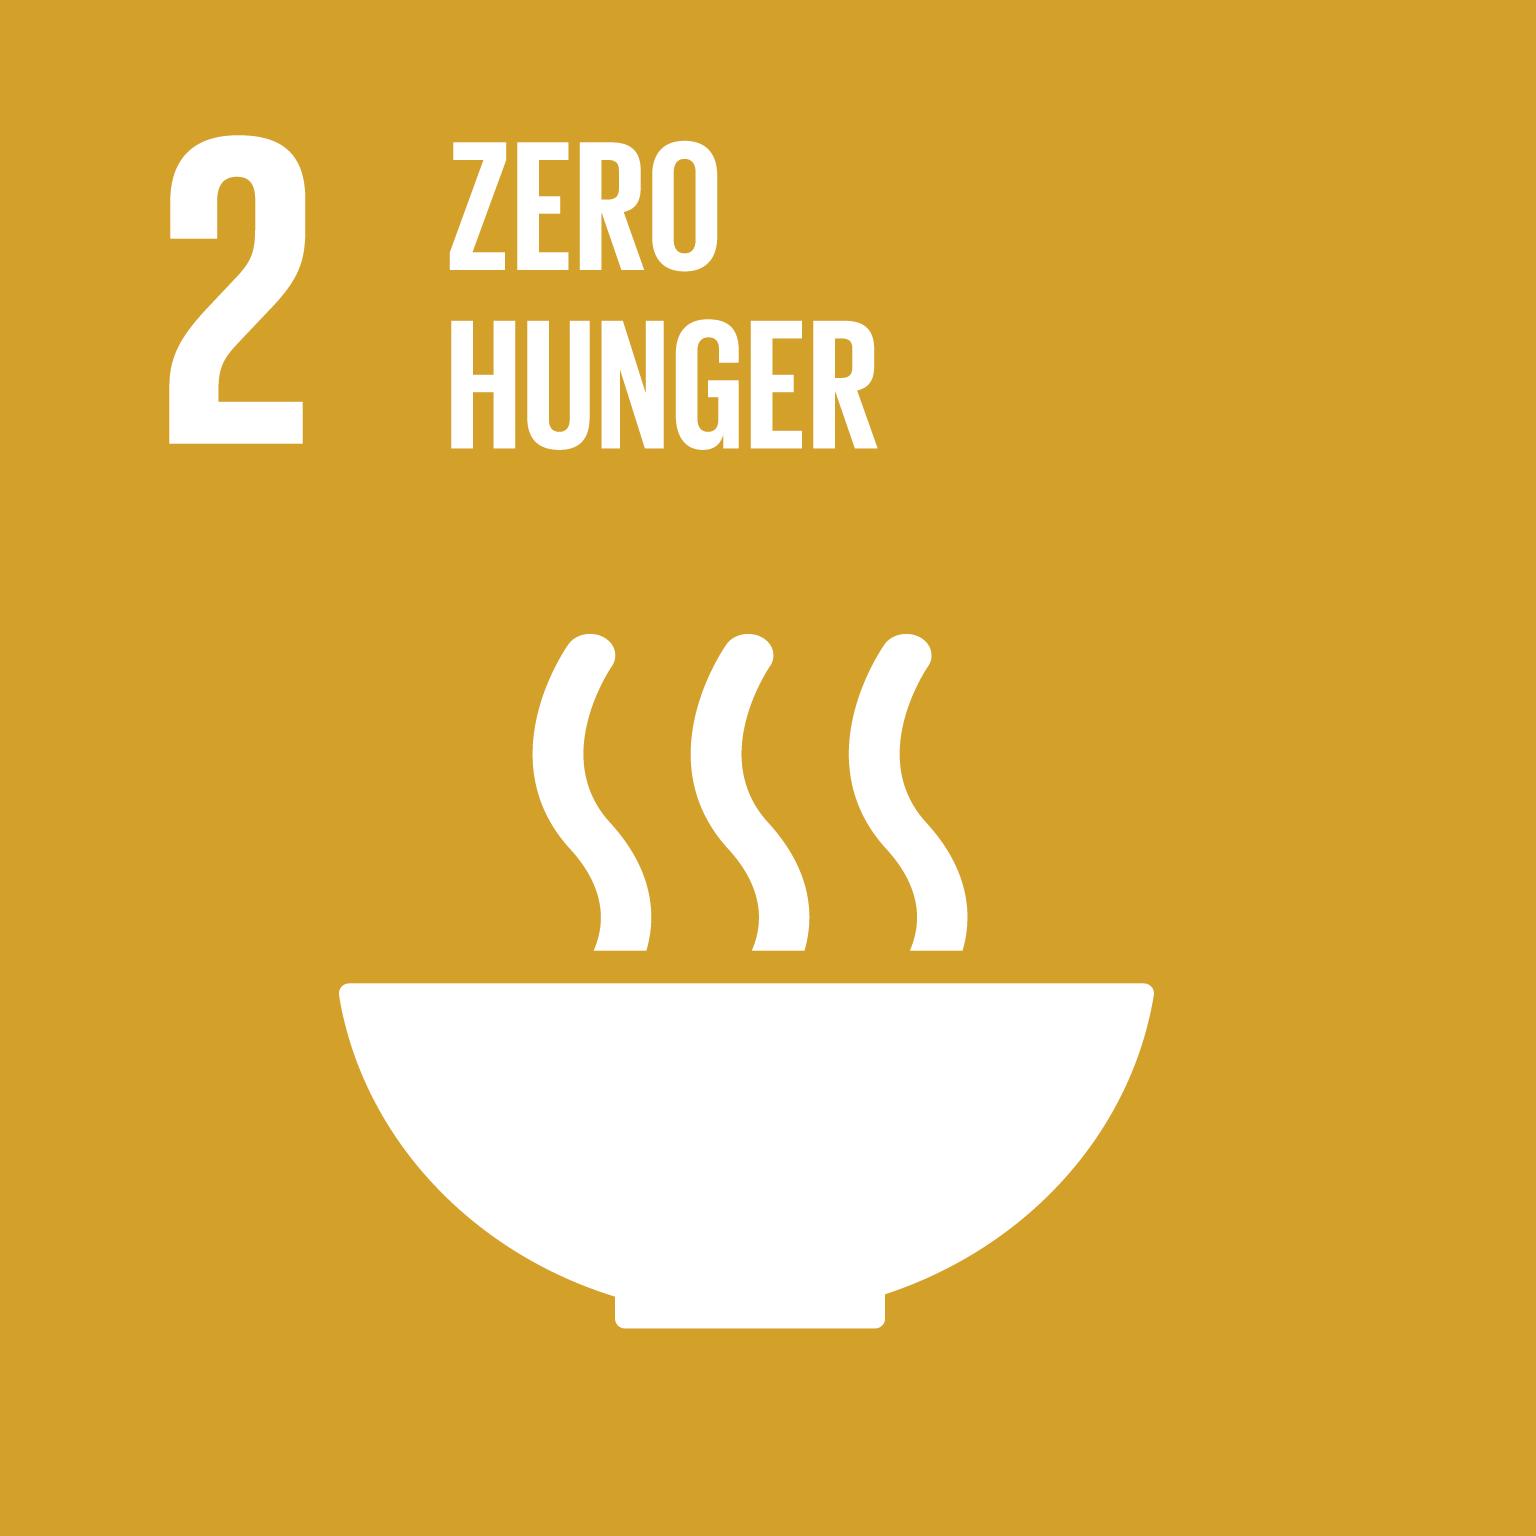 SDG Goal 2 'Zero hunger' © UN